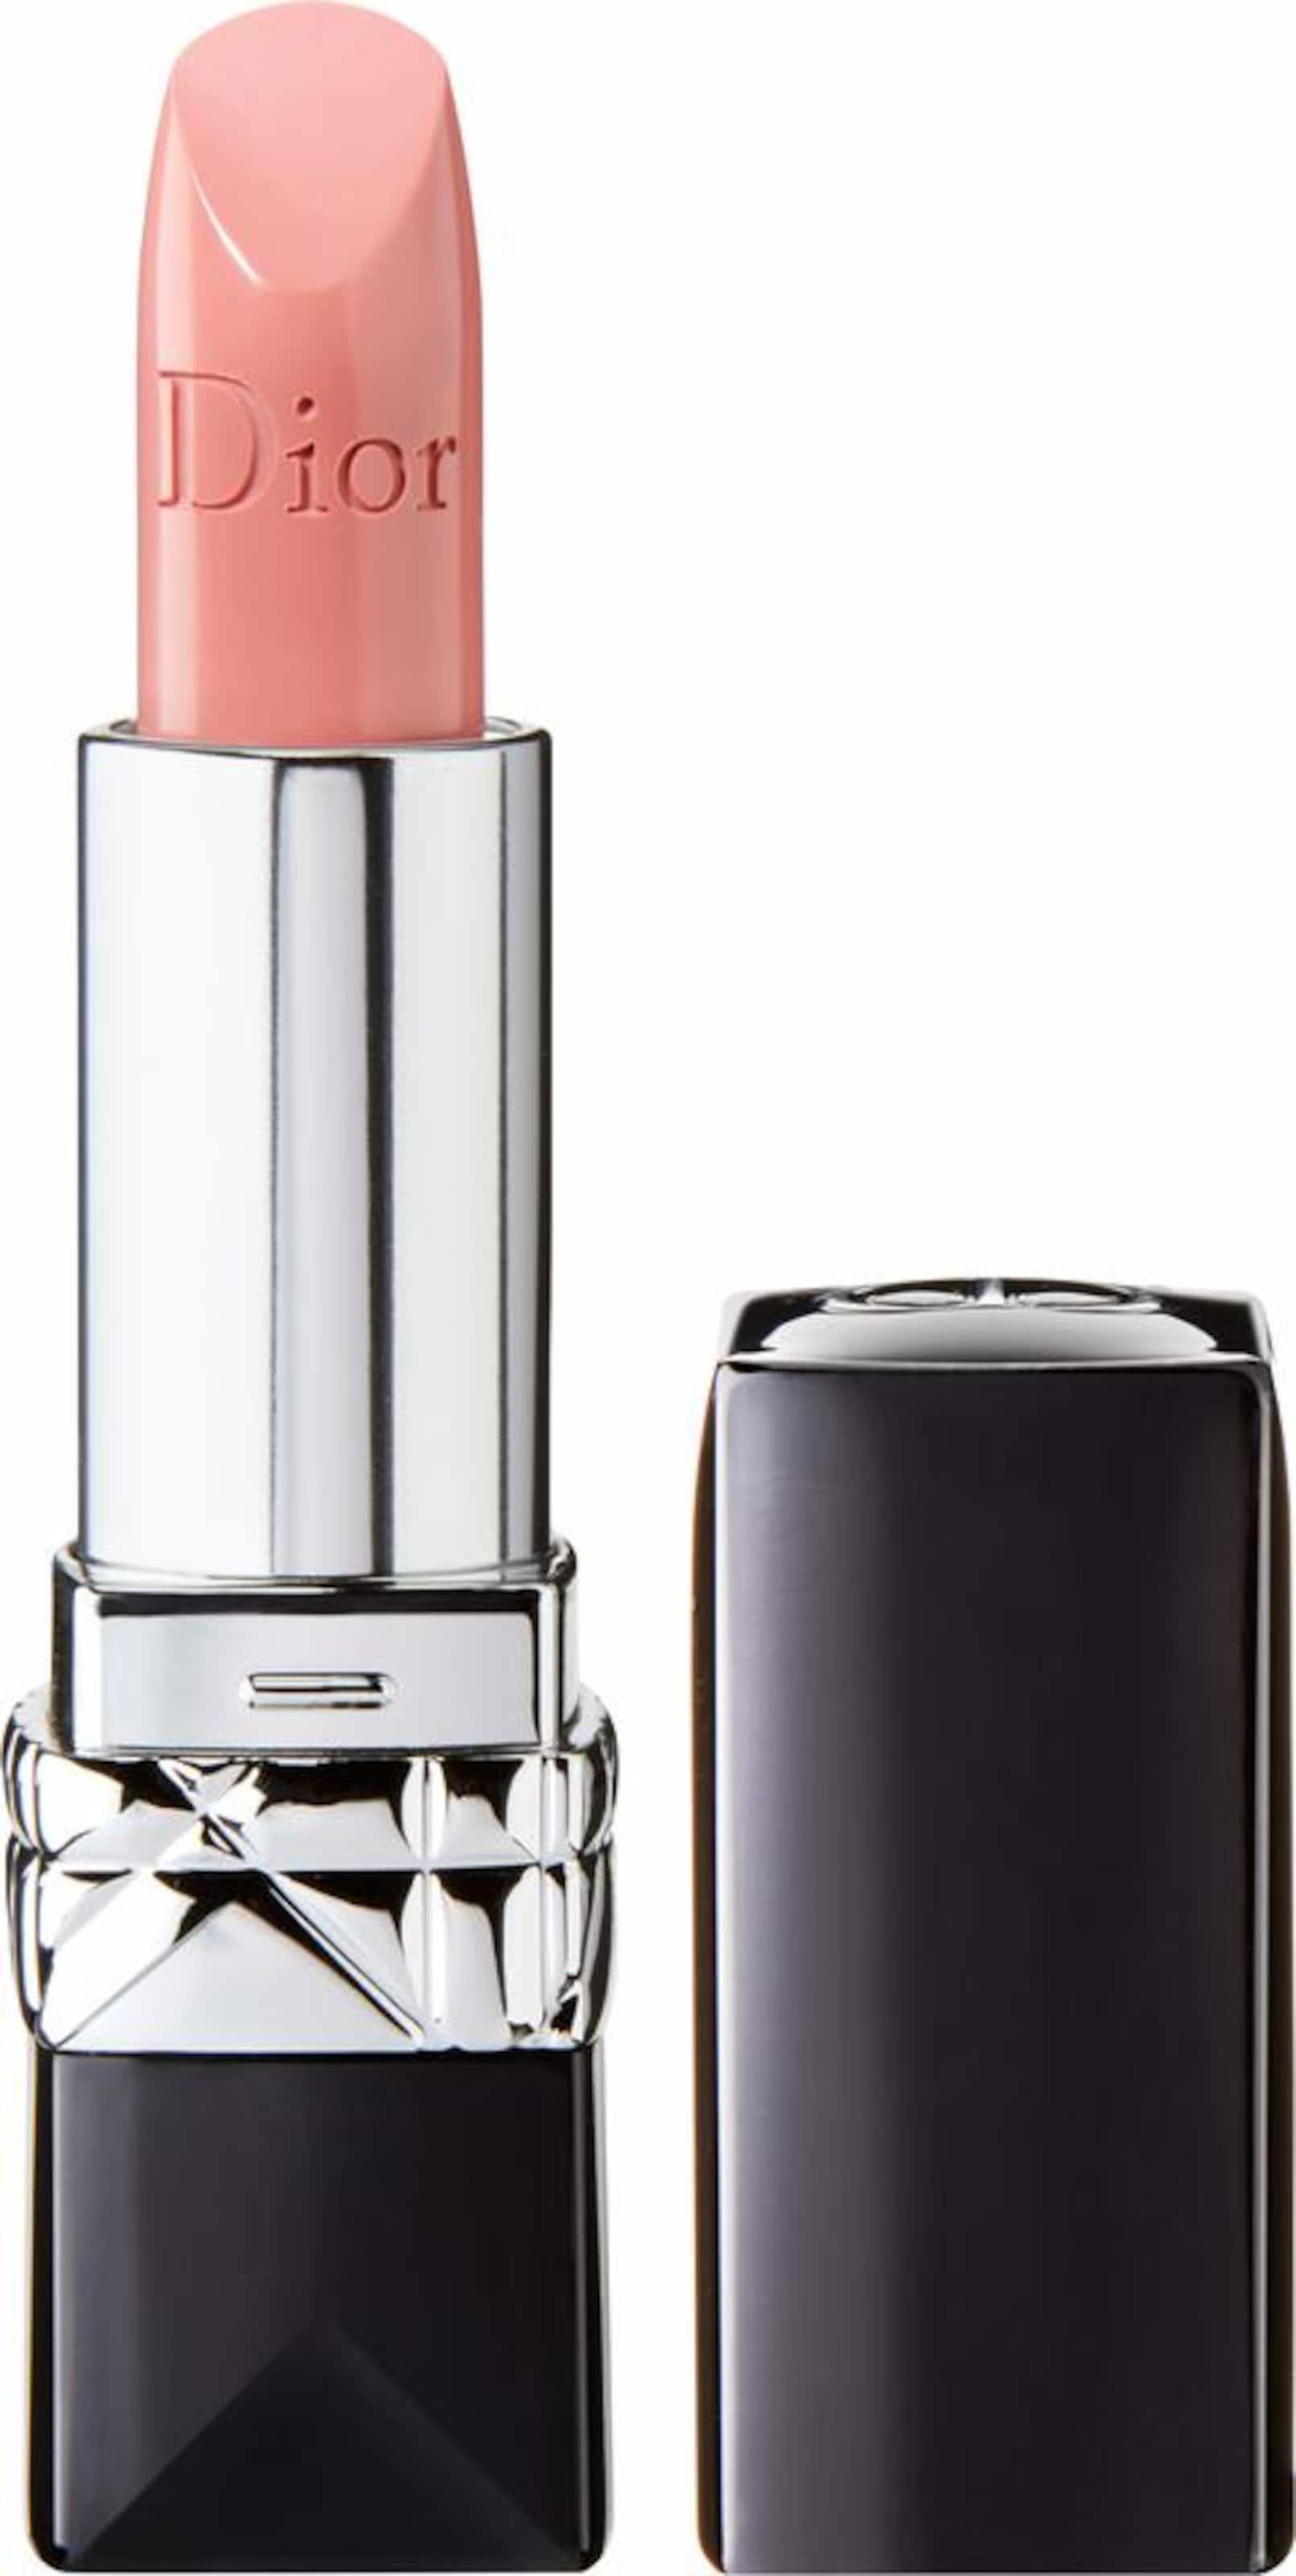 Dior In Lachs Lippenstift 'rouge' Dior zqUpMVSG